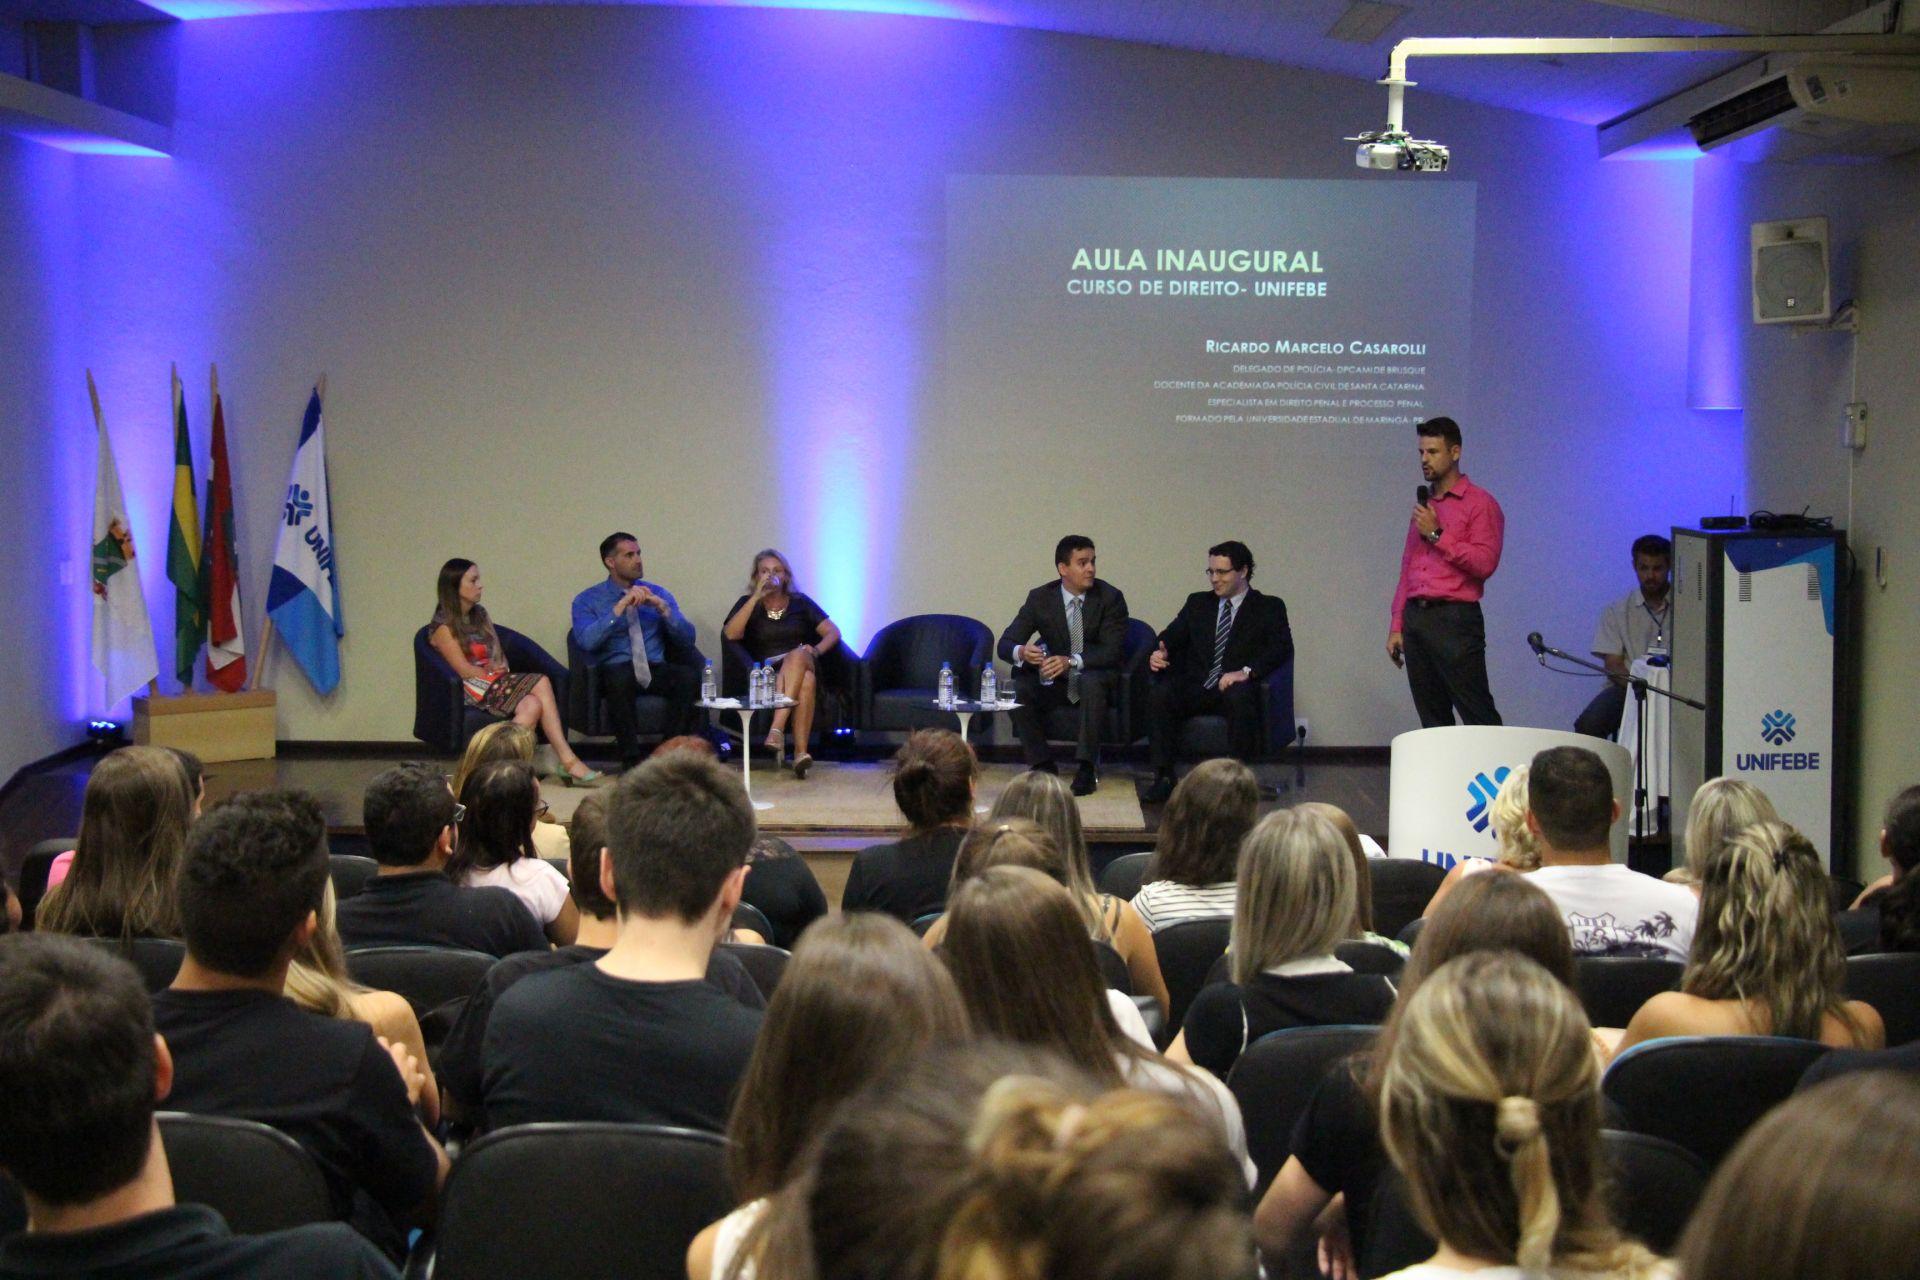 Aula de apresentação de Direito traz exemplos de carreira jurídica